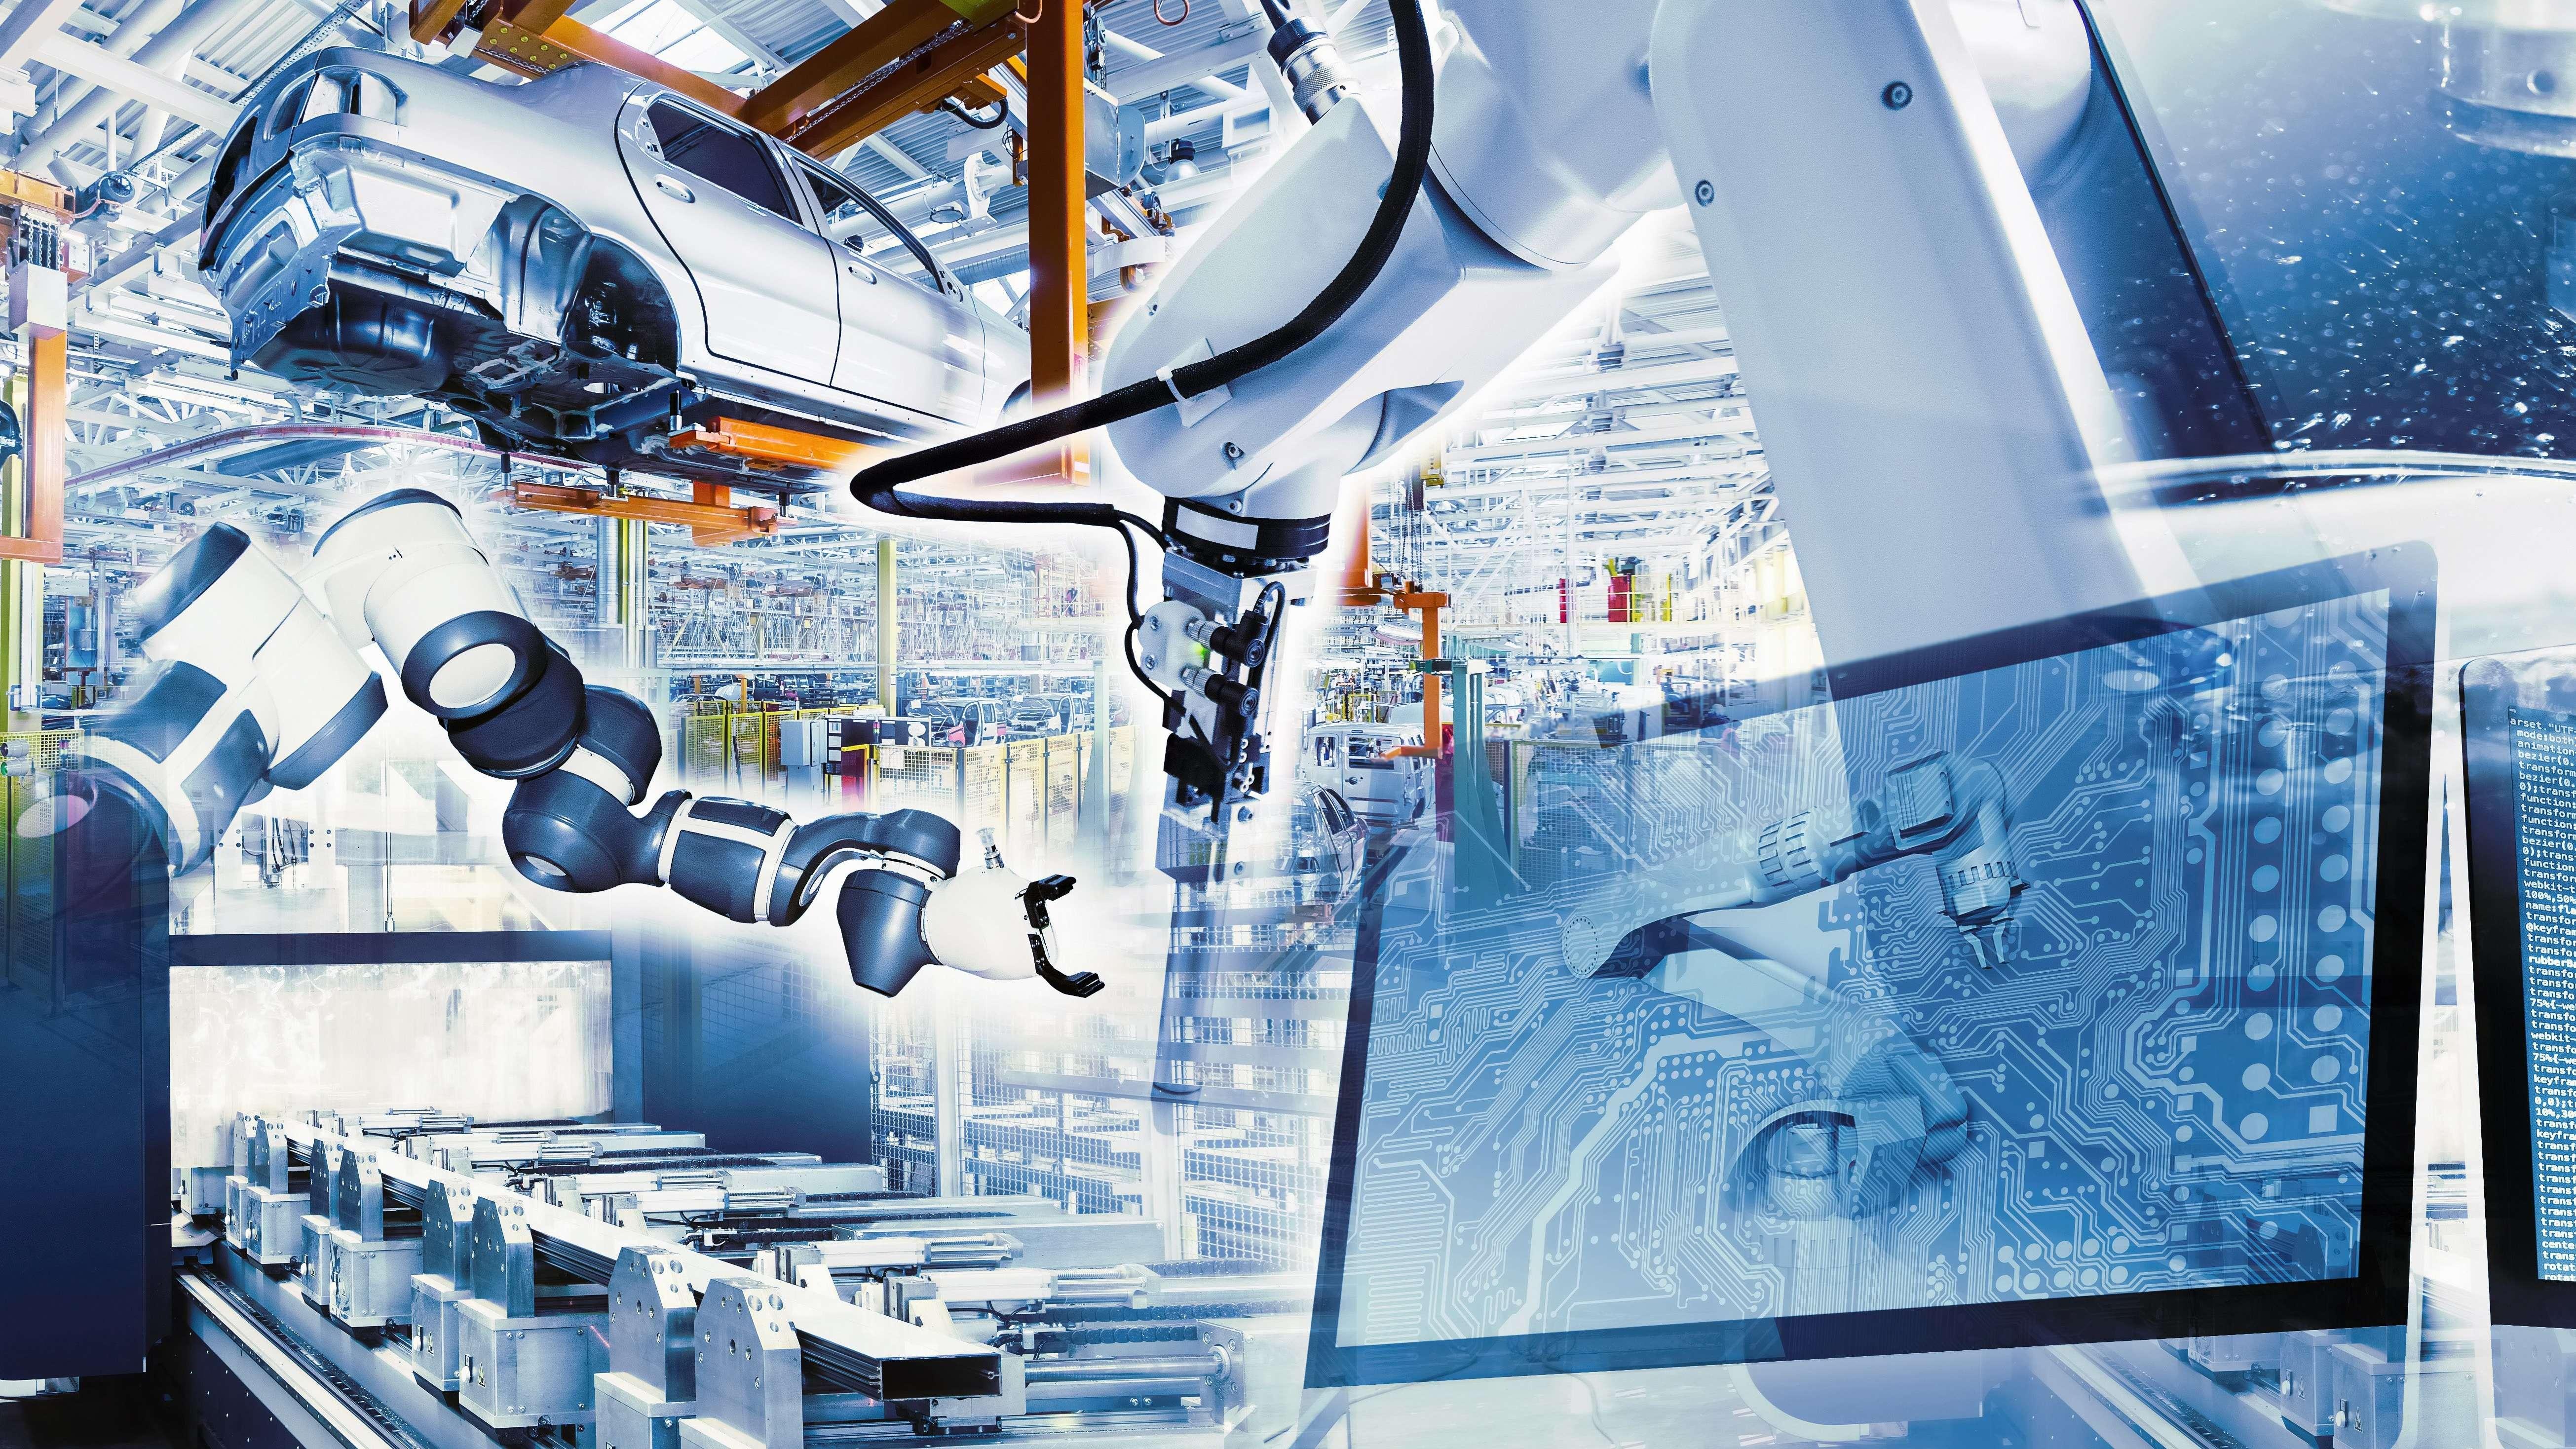 Industrieroboter setzen Autoteile zusammen. Die Arbeit wird mit Daten aus der Cloud unterstützt.